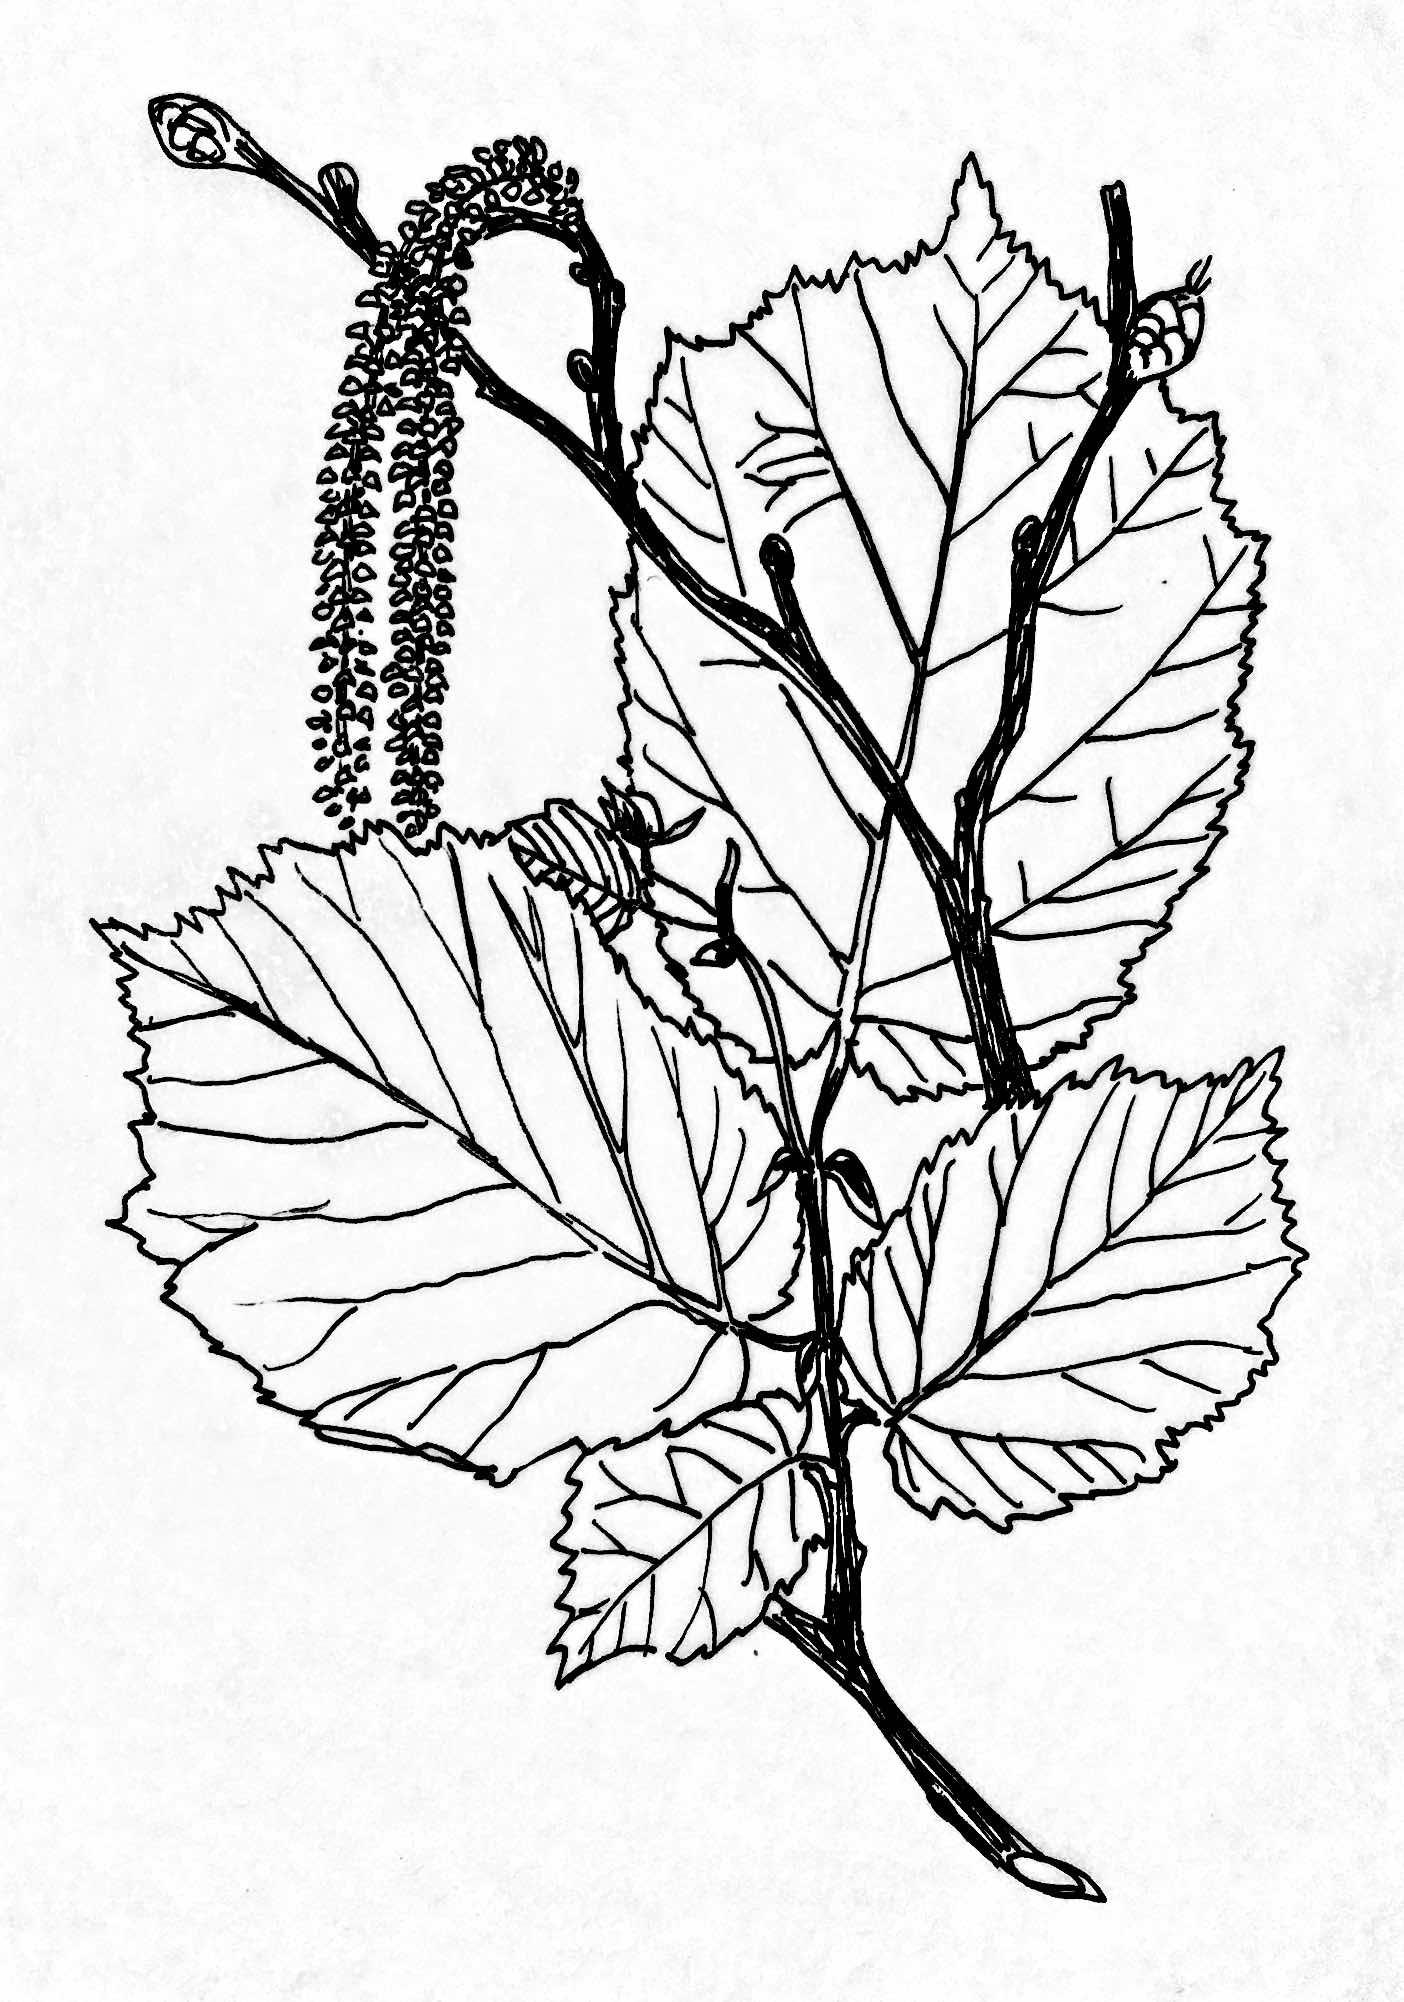 Hazel illustration for Hudson Plant Tissue Culture, 2018